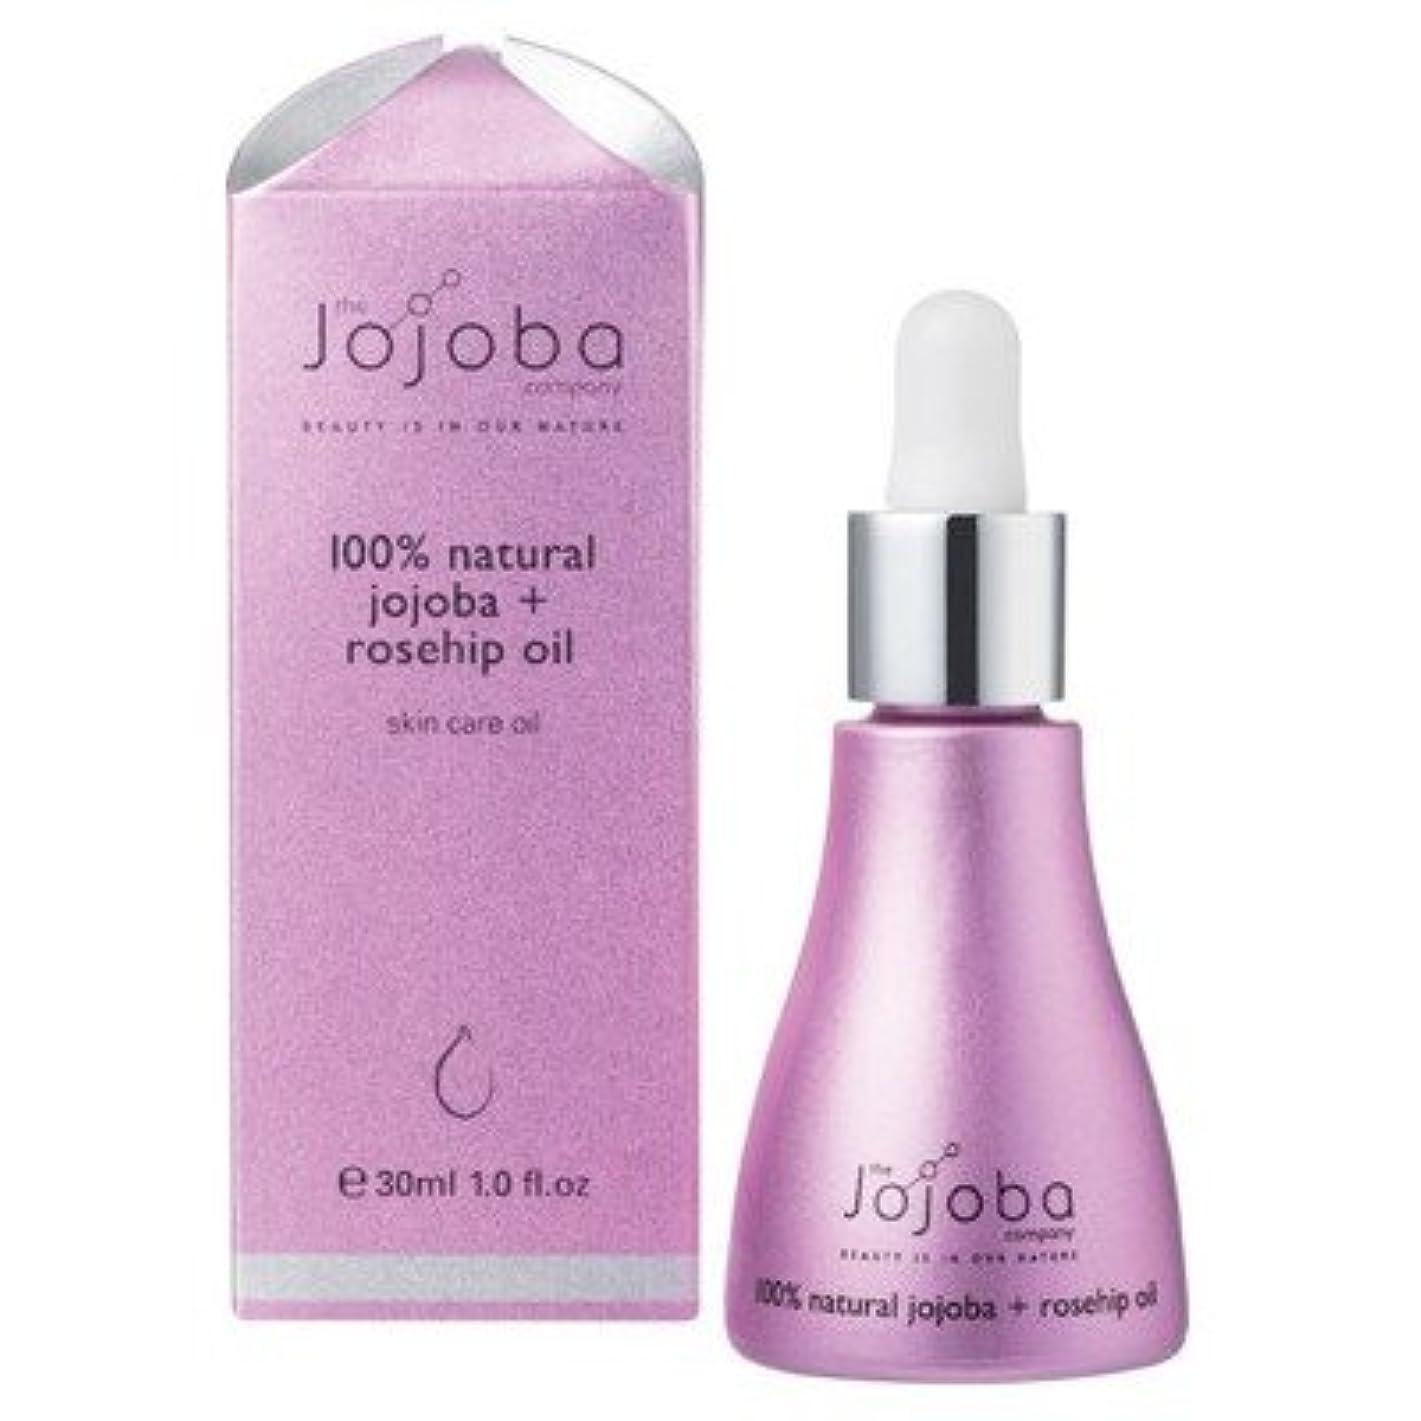 アリーナストリップ病なthe Jojoba Company 100% Natural Australian Jojoba Oil + Rosehip Oil ホホバ&ローズヒップブレンドオイル 30ml [海外直送品]